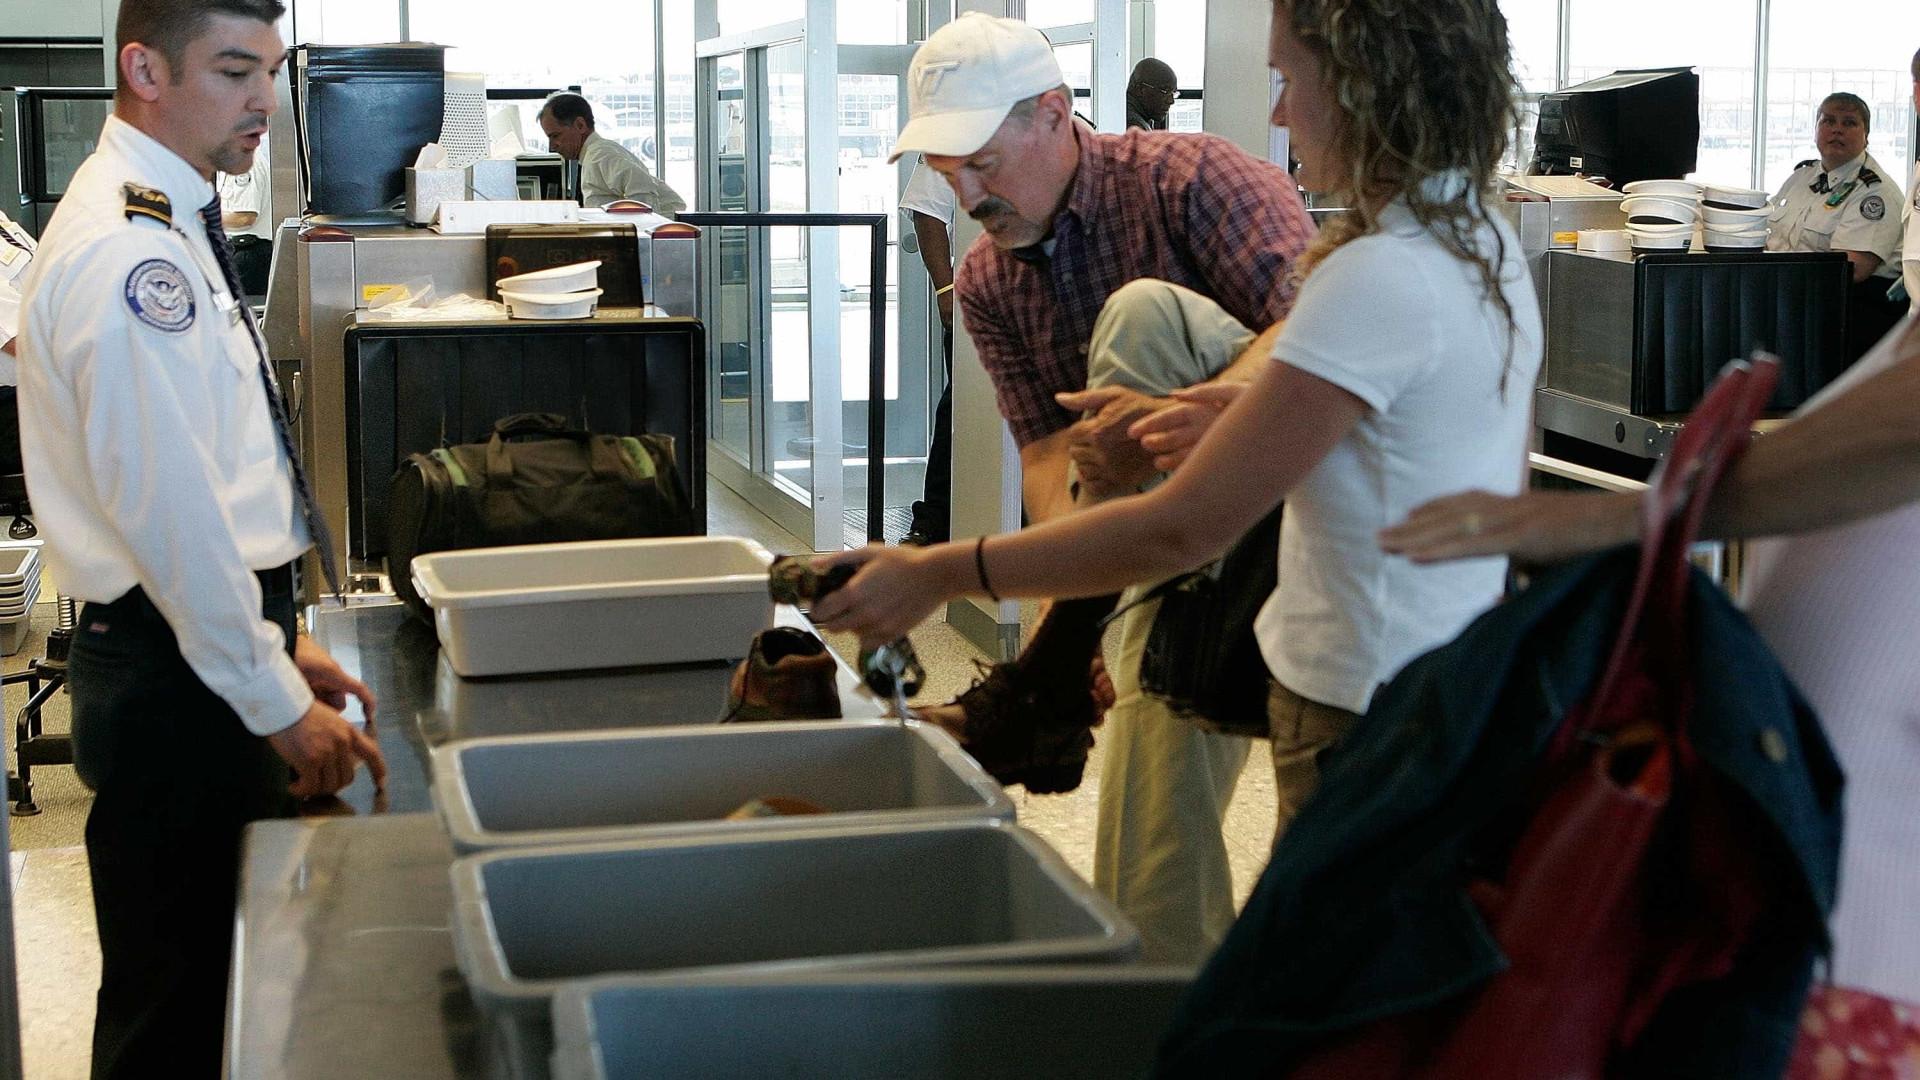 Caixas do raio-x de aeroportos espalham mais vírus que os banheiros